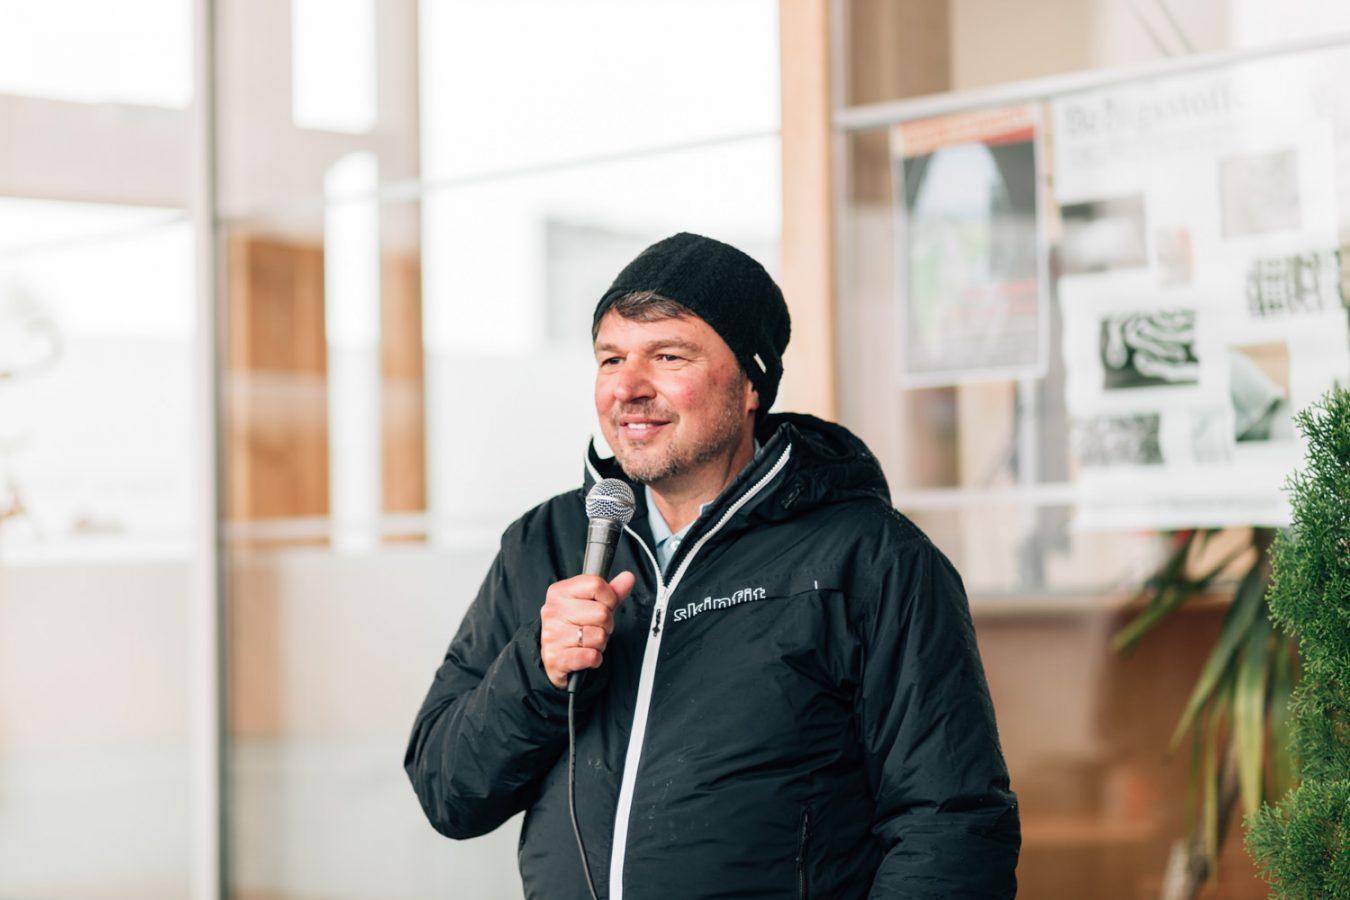 Lustenau Bürgermeister